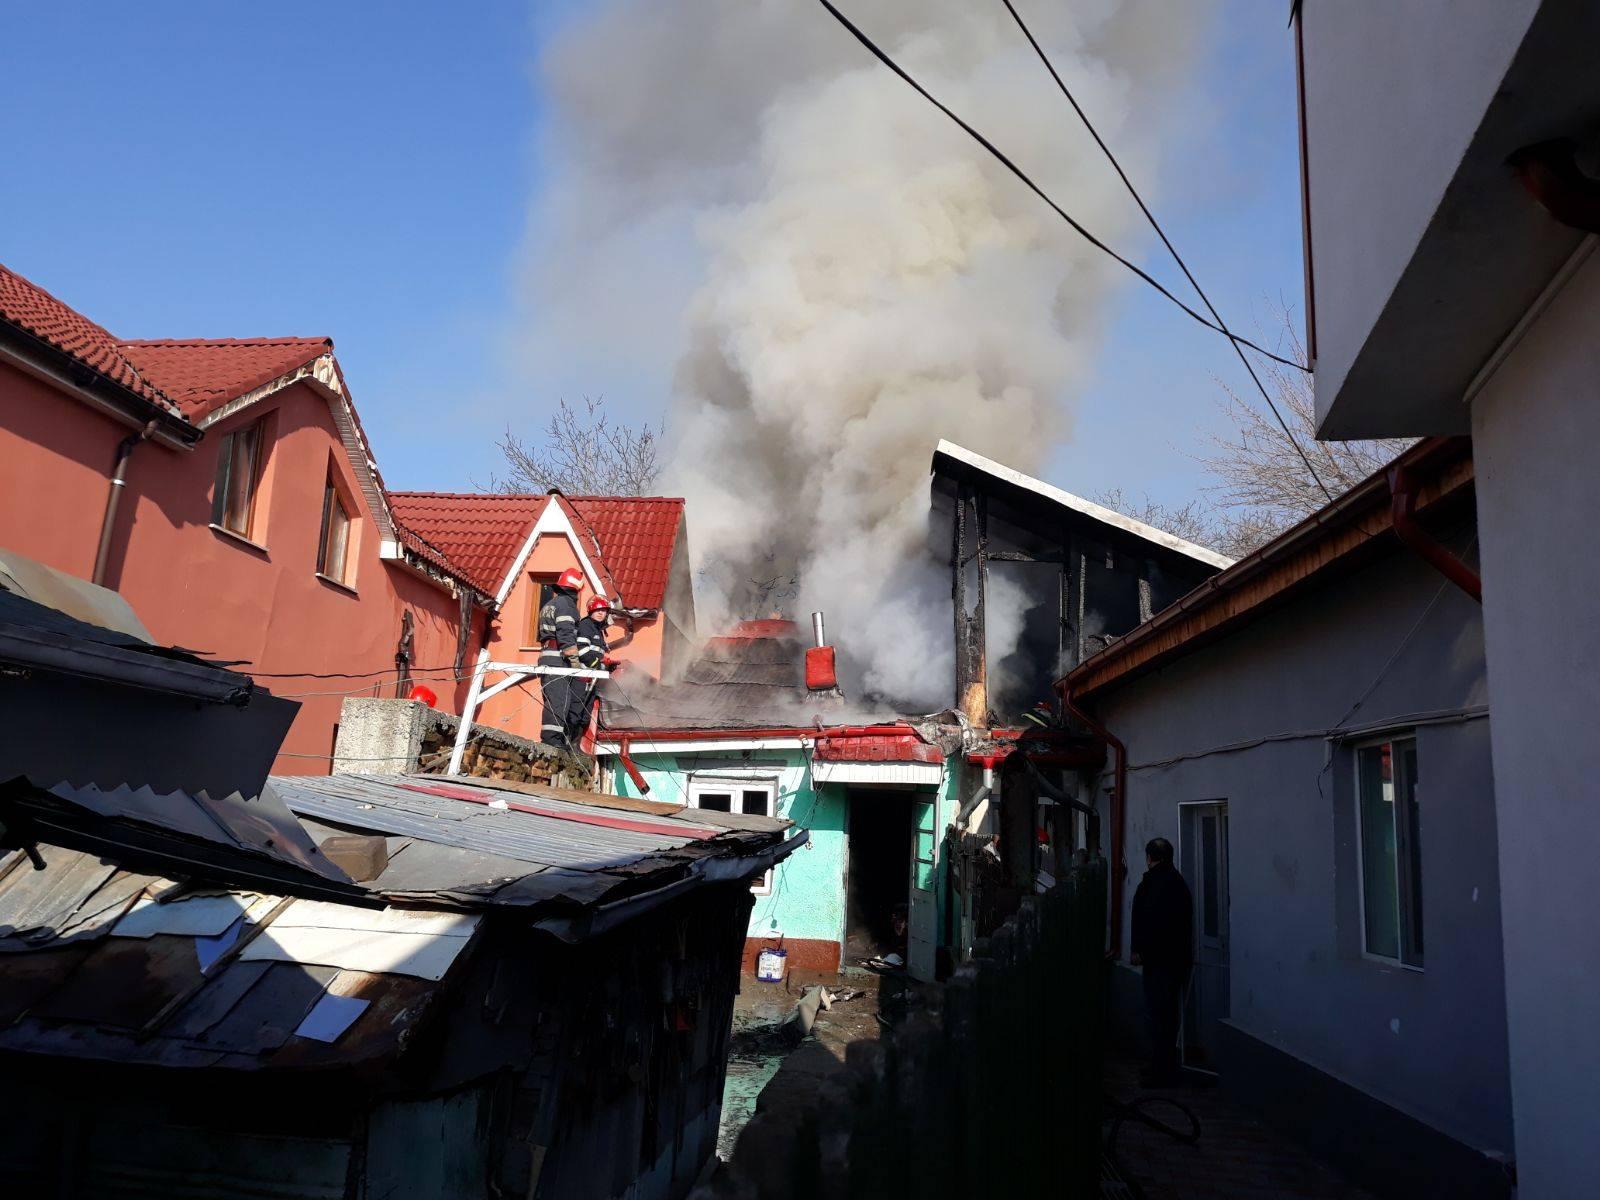 FOTO & VIDEO. Trei case distruse și un om la spital, după un incendiu în Caracal